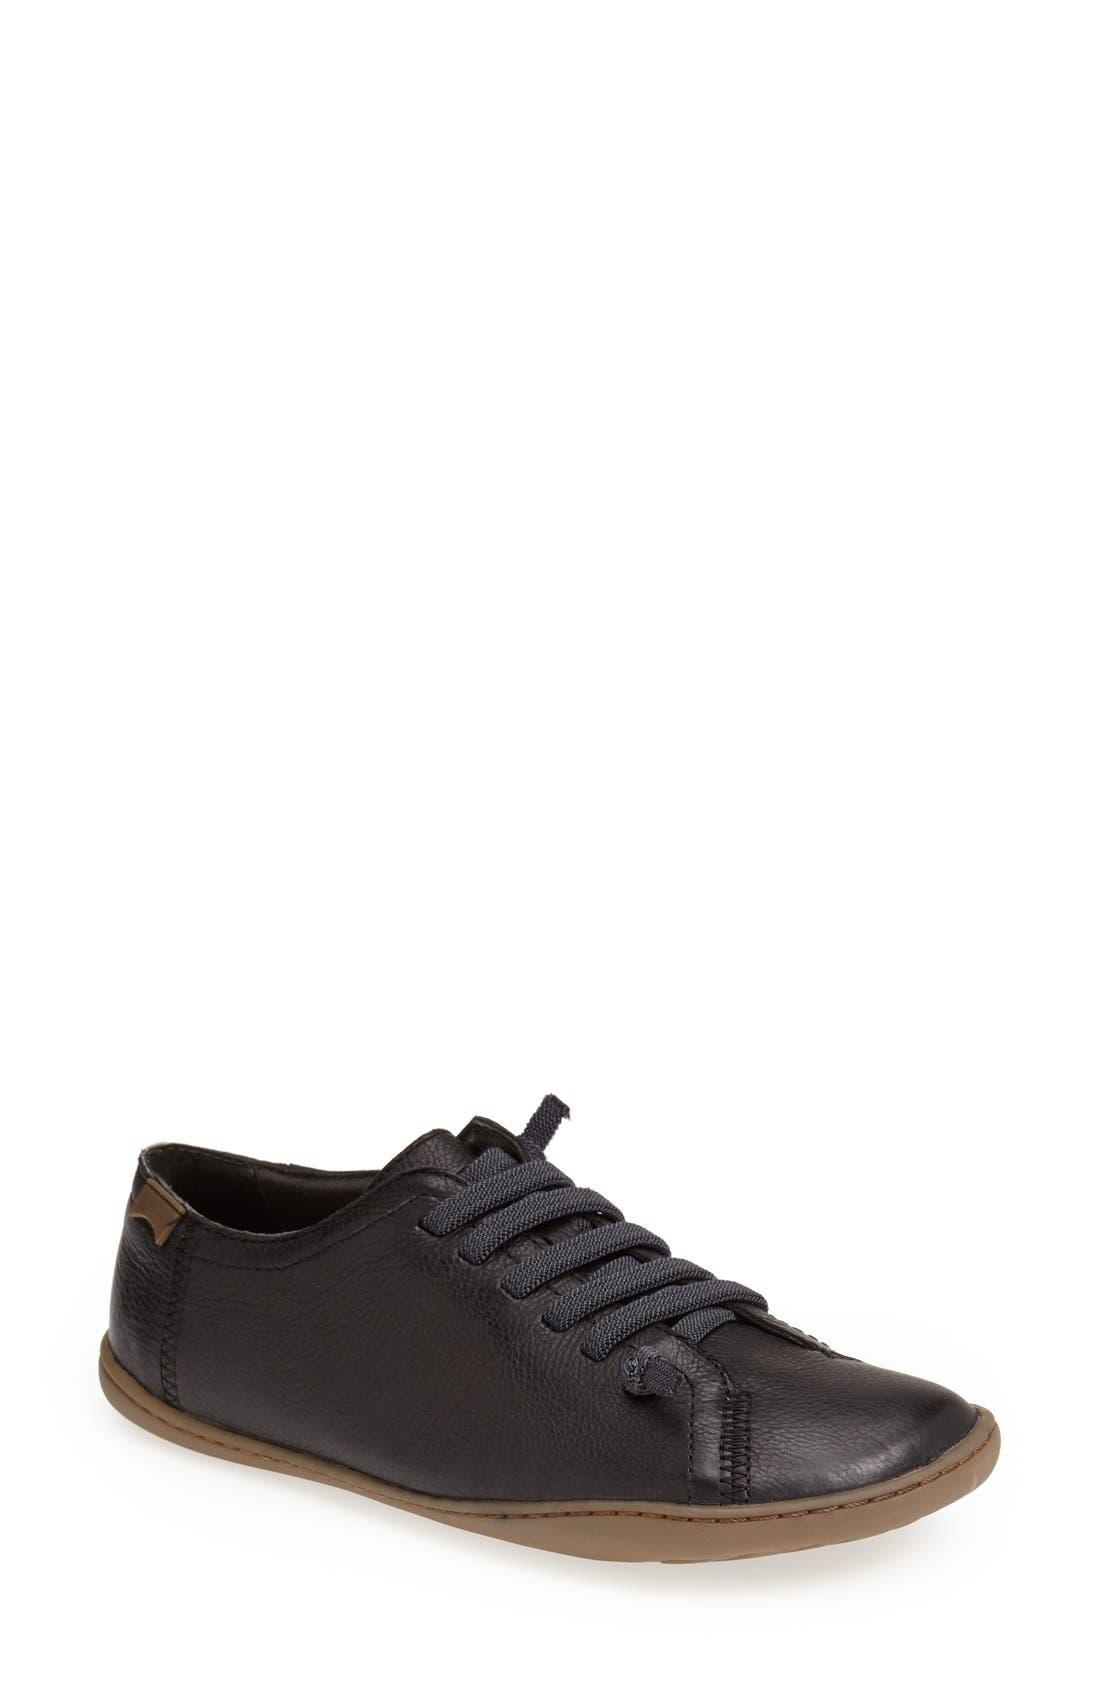 CAMPER 'Peu Cami' Leather Sneaker